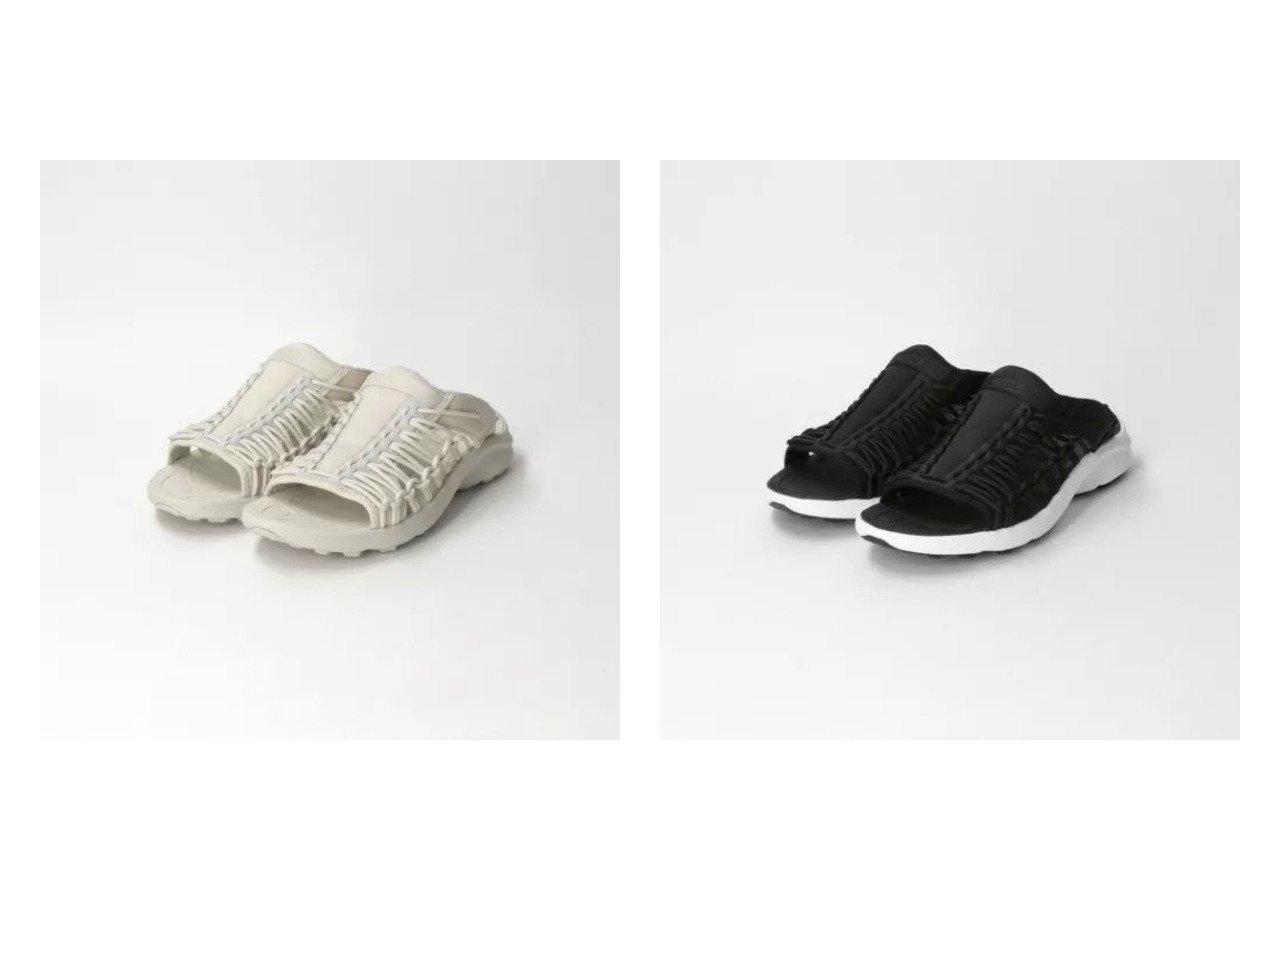 【green label relaxing / UNITED ARROWS/グリーンレーベル リラクシング / ユナイテッドアローズ】の[ キーン ] KEEN UNEEK SNK スライド SC サンダル 【シューズ・靴】おすすめ!人気、トレンド・レディースファッションの通販 おすすめで人気の流行・トレンド、ファッションの通販商品 インテリア・家具・メンズファッション・キッズファッション・レディースファッション・服の通販 founy(ファニー) https://founy.com/ ファッション Fashion レディースファッション WOMEN おすすめ Recommend カリフォルニア サンダル シューズ フィット 人気 夏 Summer 定番 Standard  ID:crp329100000052544